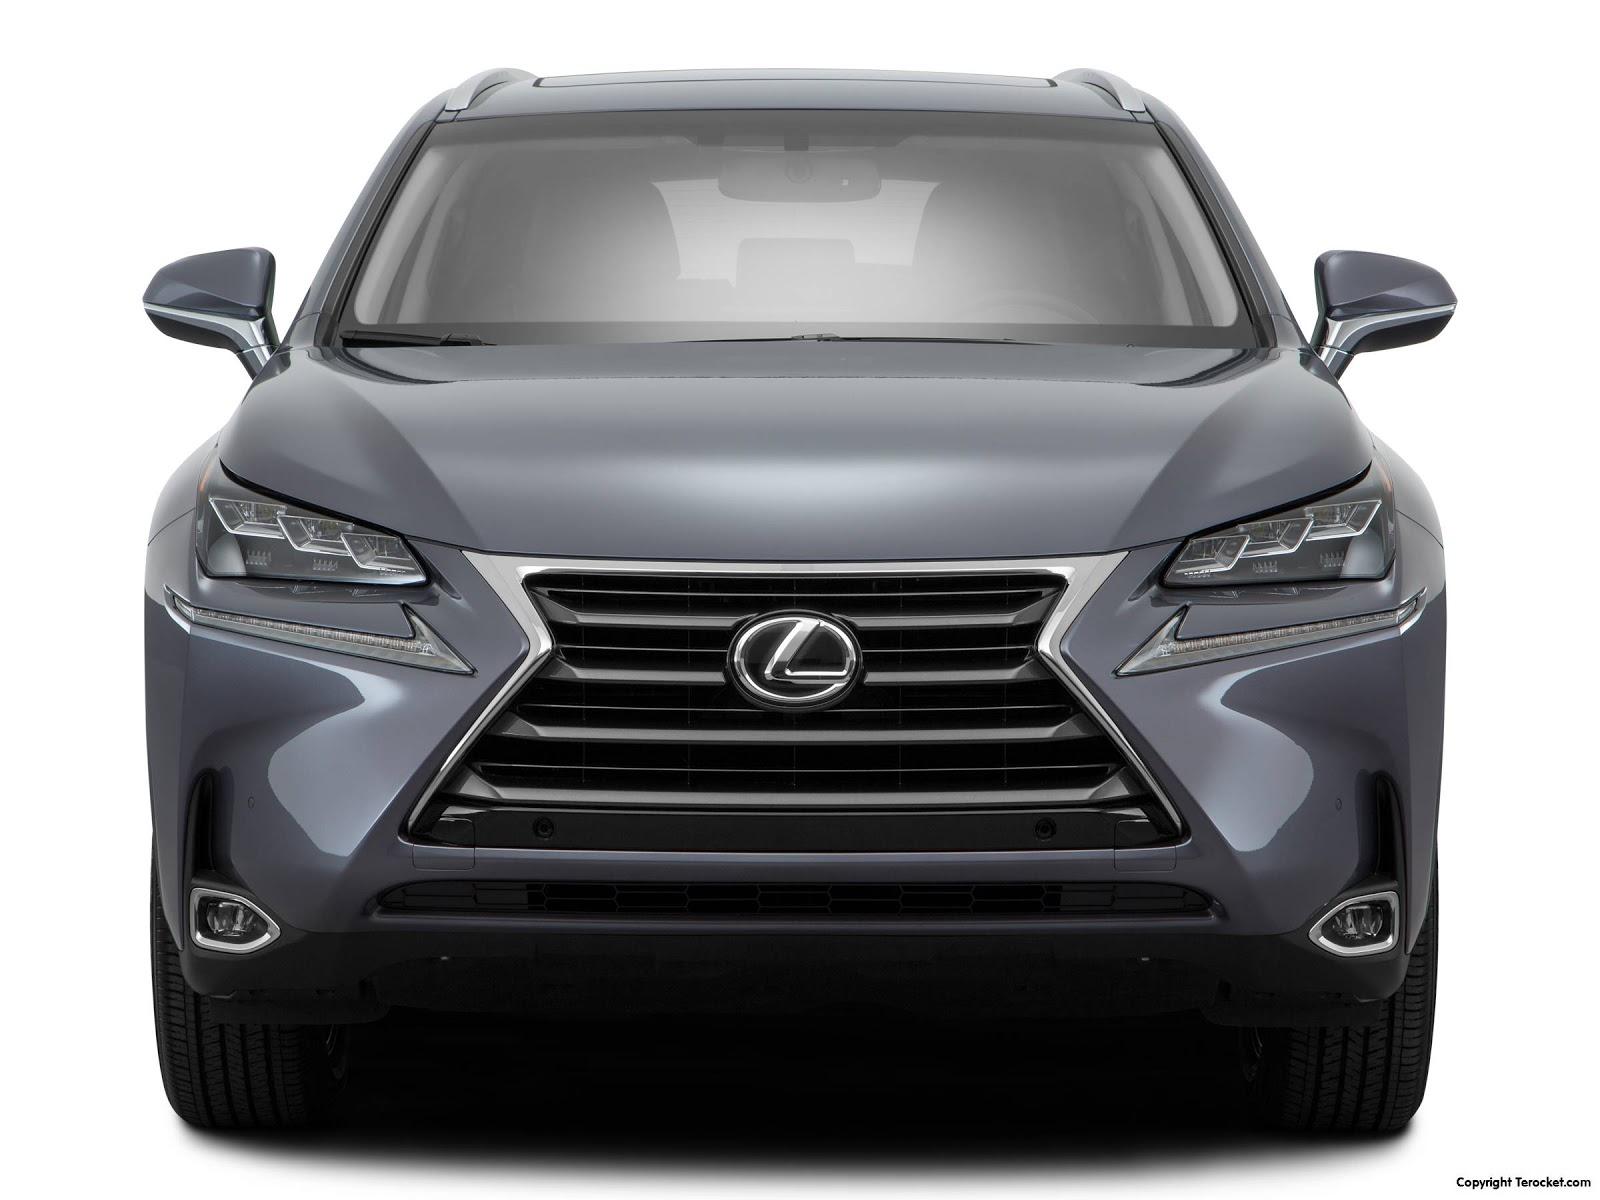 Logo Lexus trên lưới tản nhiệt sẽ phát sáng khi hoạt động